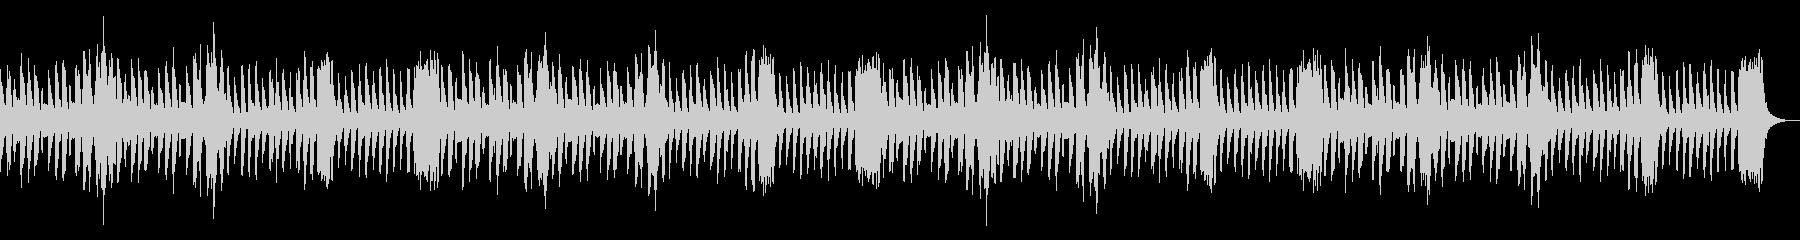 コミカルなほのぼの散歩風。弦とVib.の未再生の波形